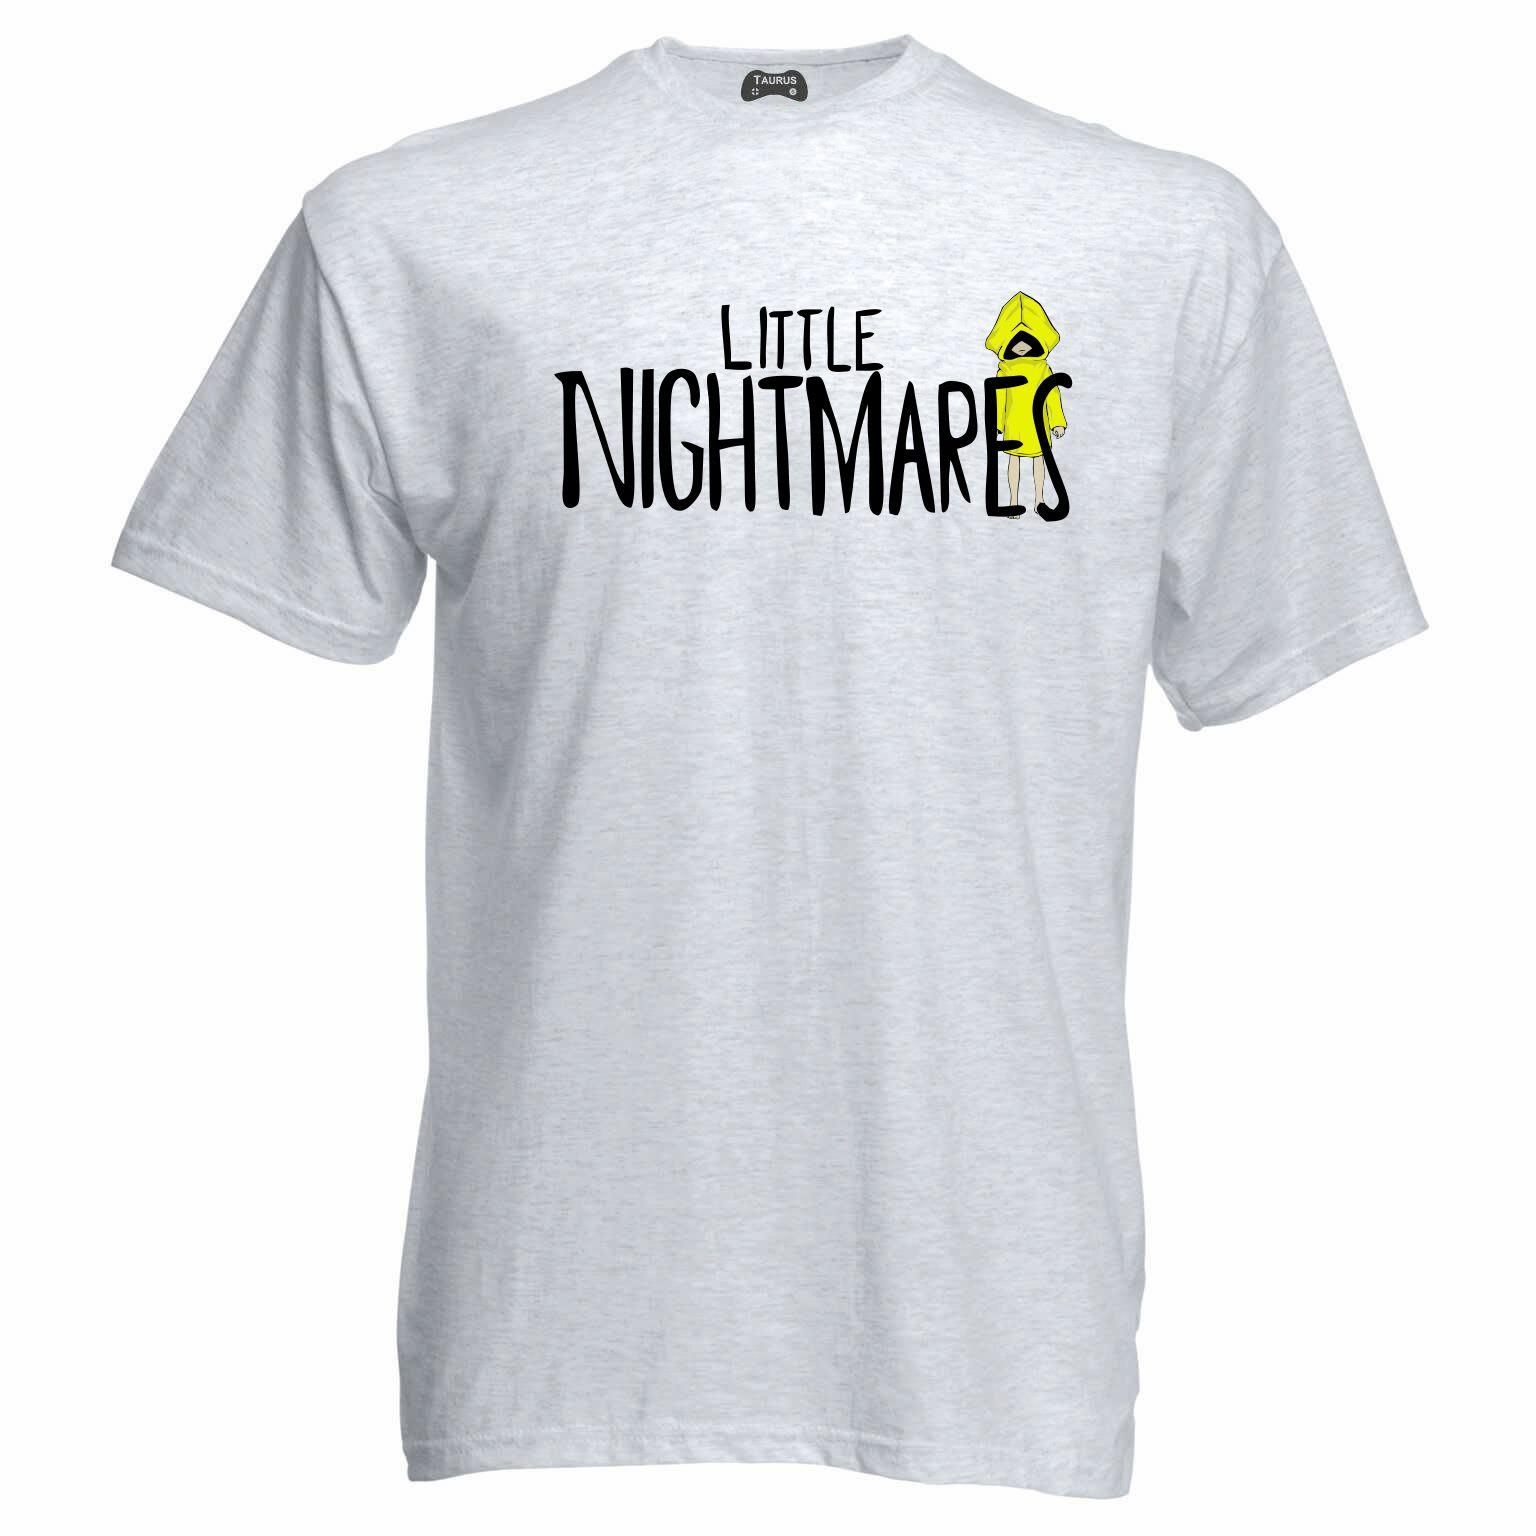 Little Nightmares T-Shirt Six